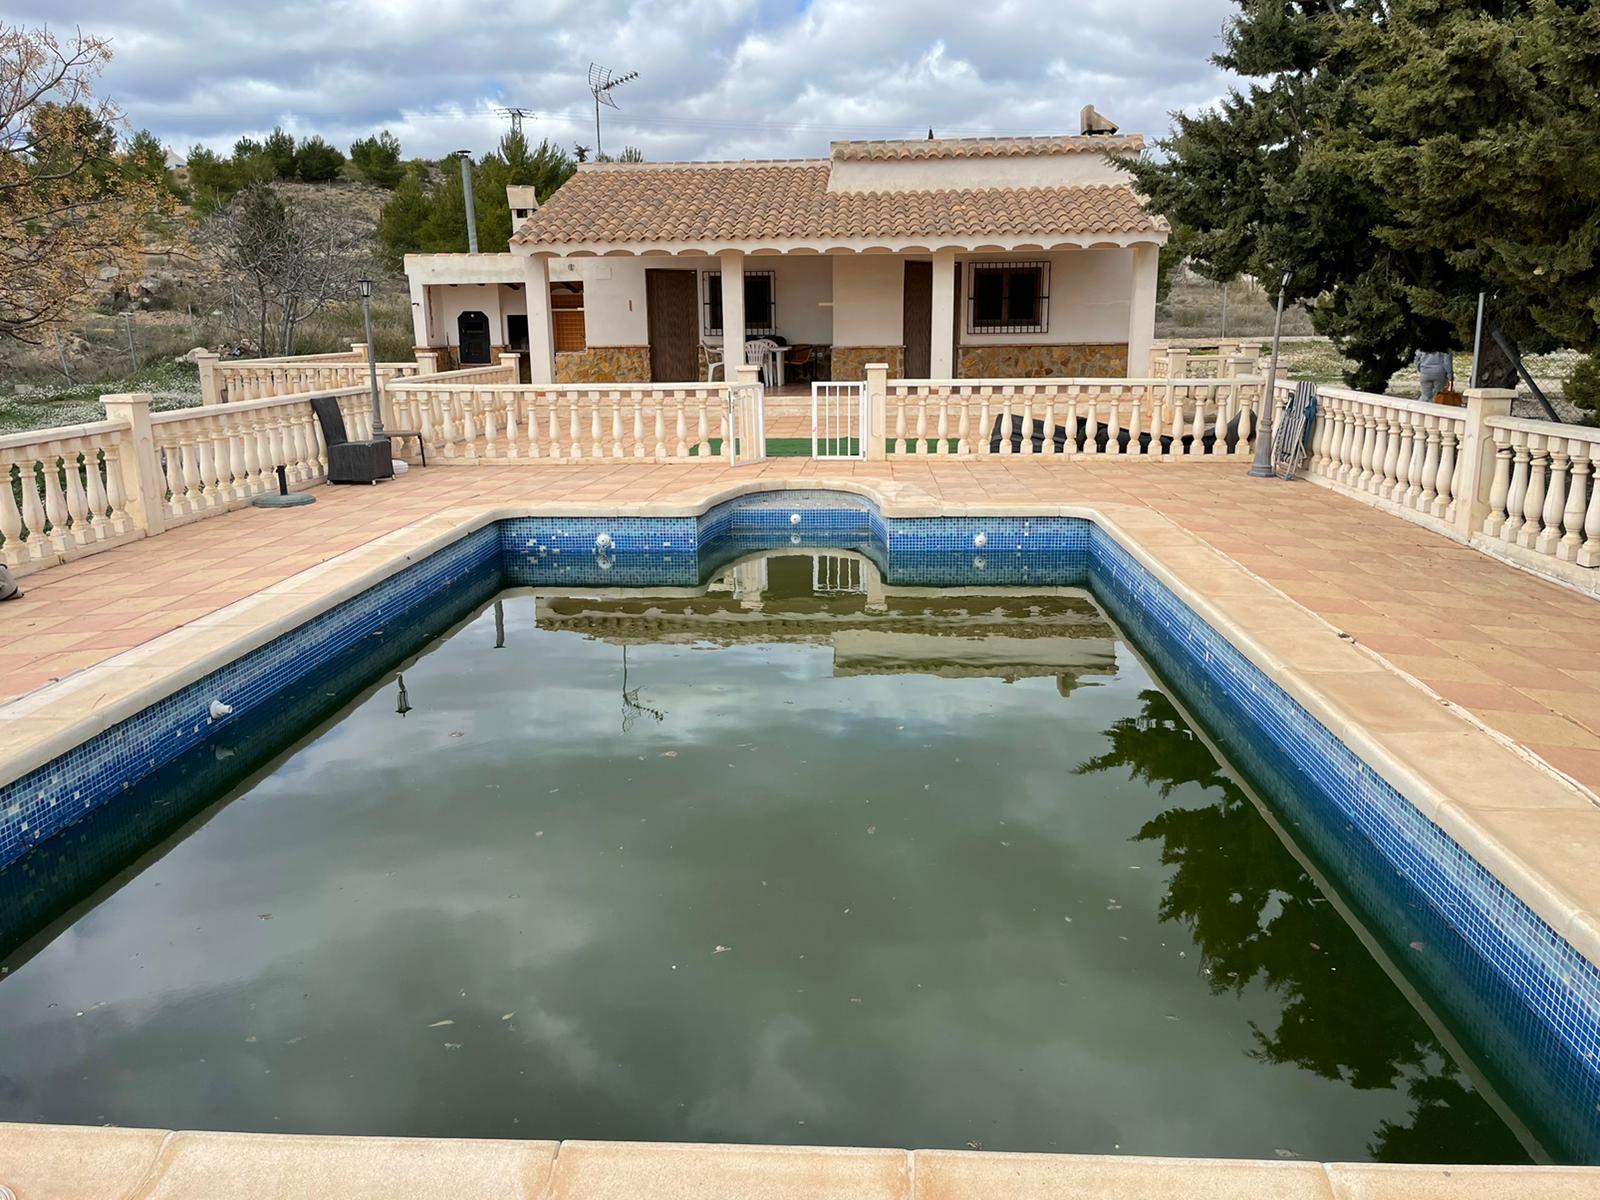 Alquiler Casa  Cehegín. Se  alquila espectacular chalet con piscina , esta construido s